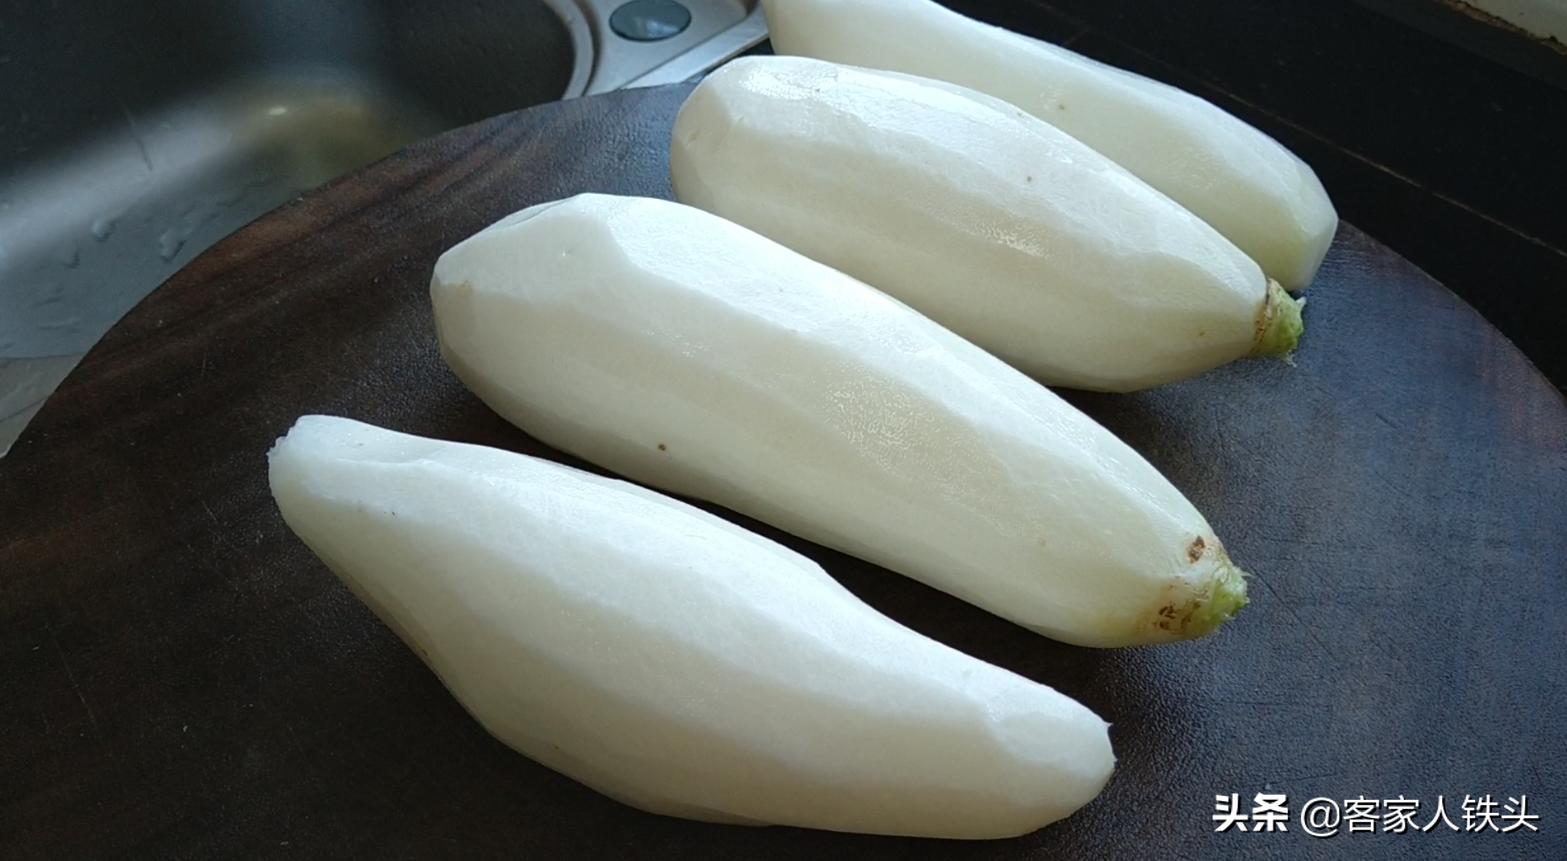 蘿蔔煲好吃有訣竅,加2斤牛腩燉一鍋,4個蘿蔔不夠吃,鮮香過癮